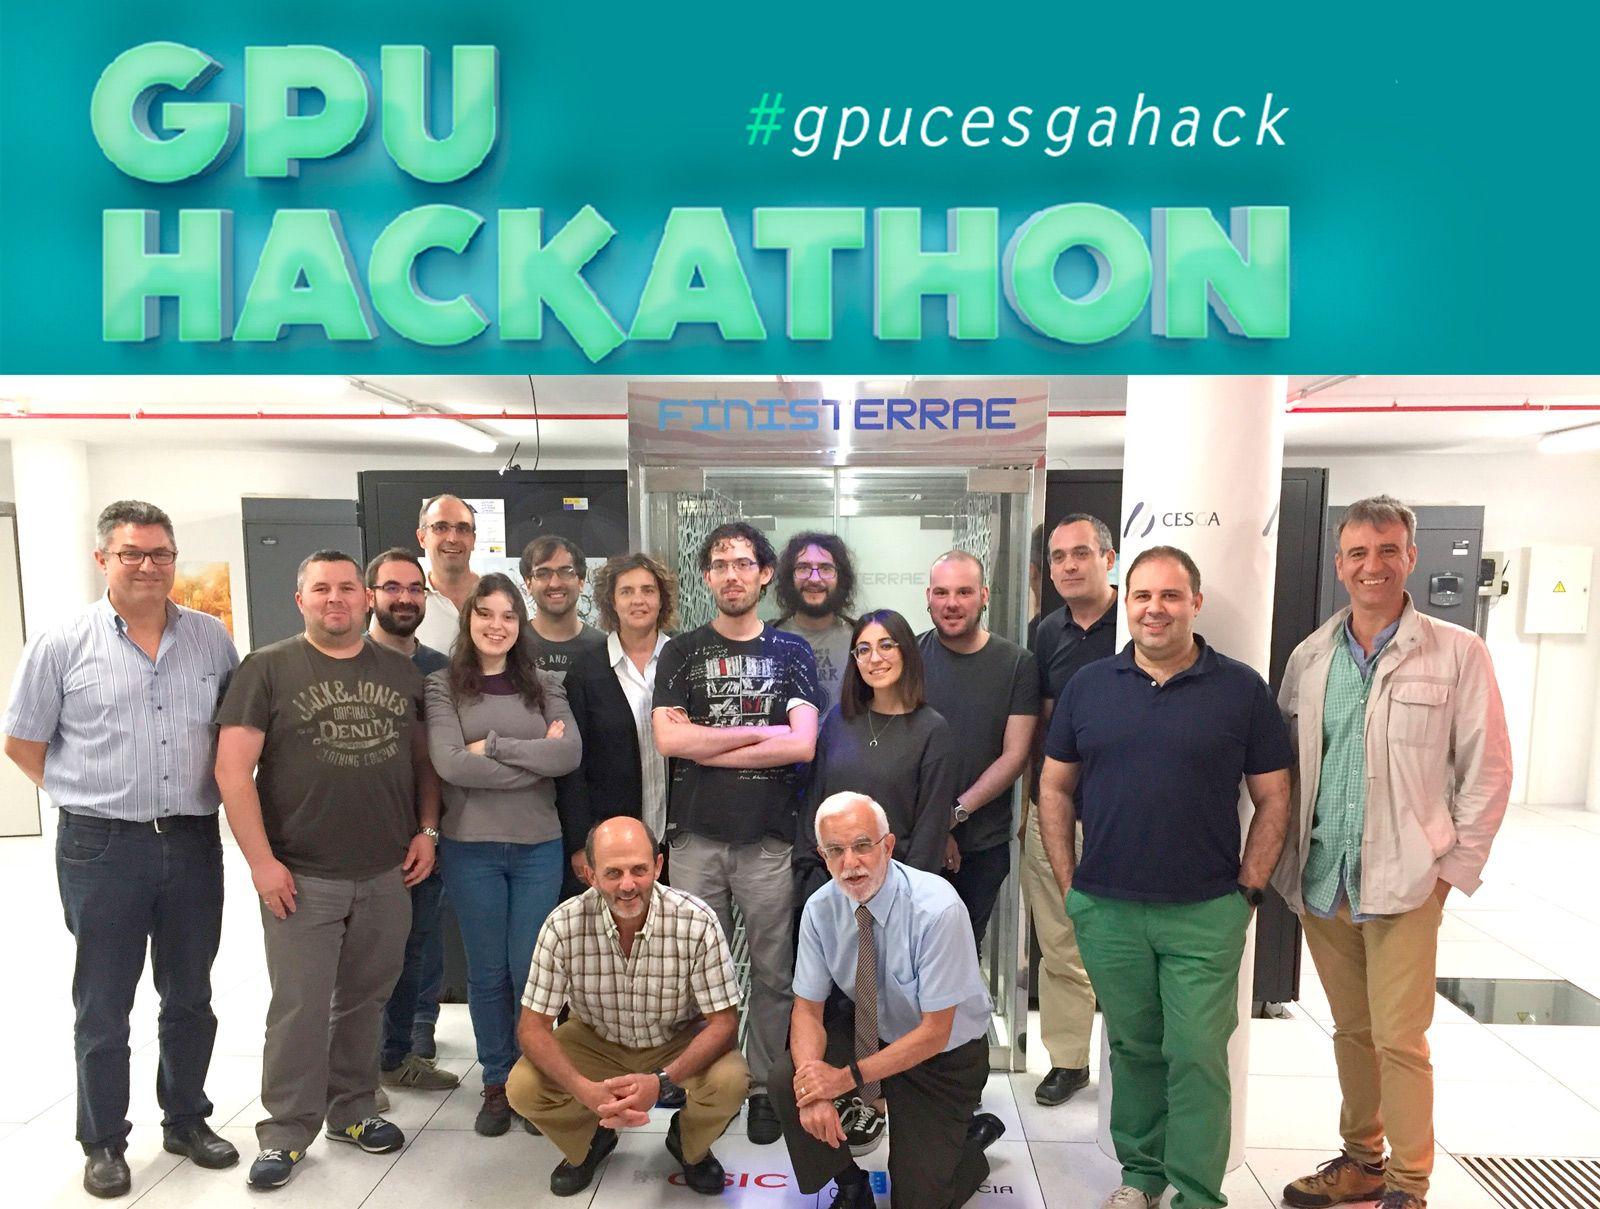 oficial-photo-Hackathon